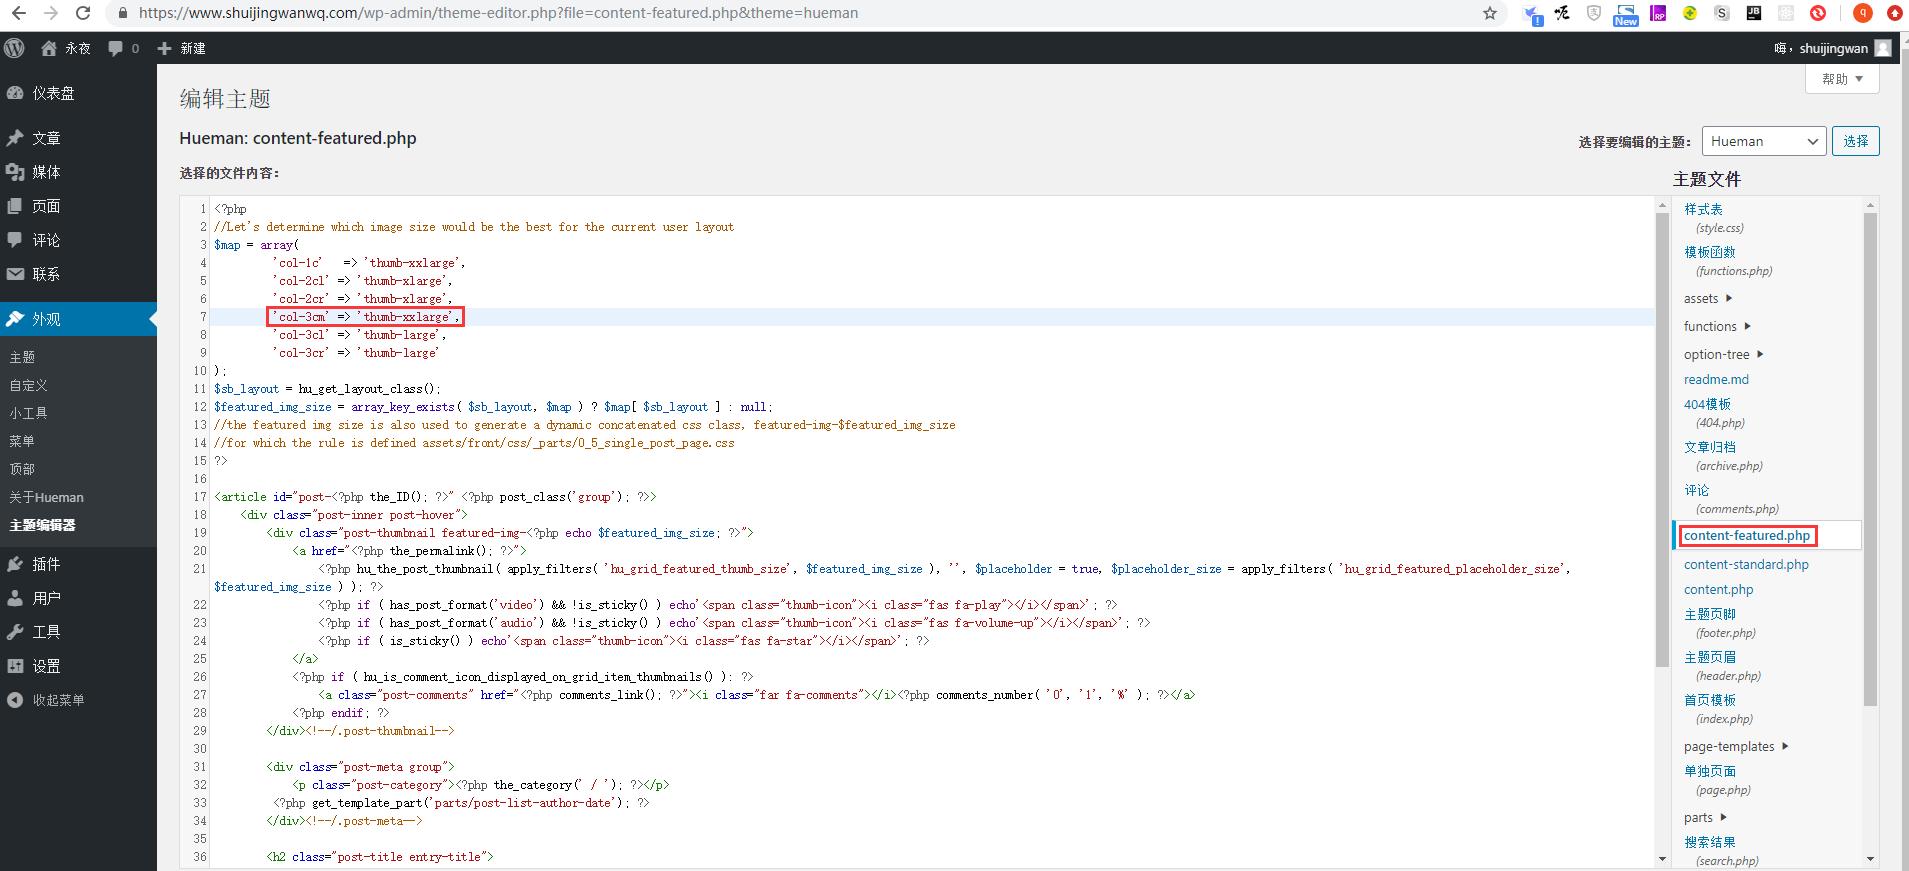 查看主题编辑器,应该编辑文件:/wp-content/themes/hueman/content-featured.php,col-3cm 的值从:thumb-large 修改为:thumb-xxlarge,注:每次升级主题后,需要重复编辑更新一下此文件